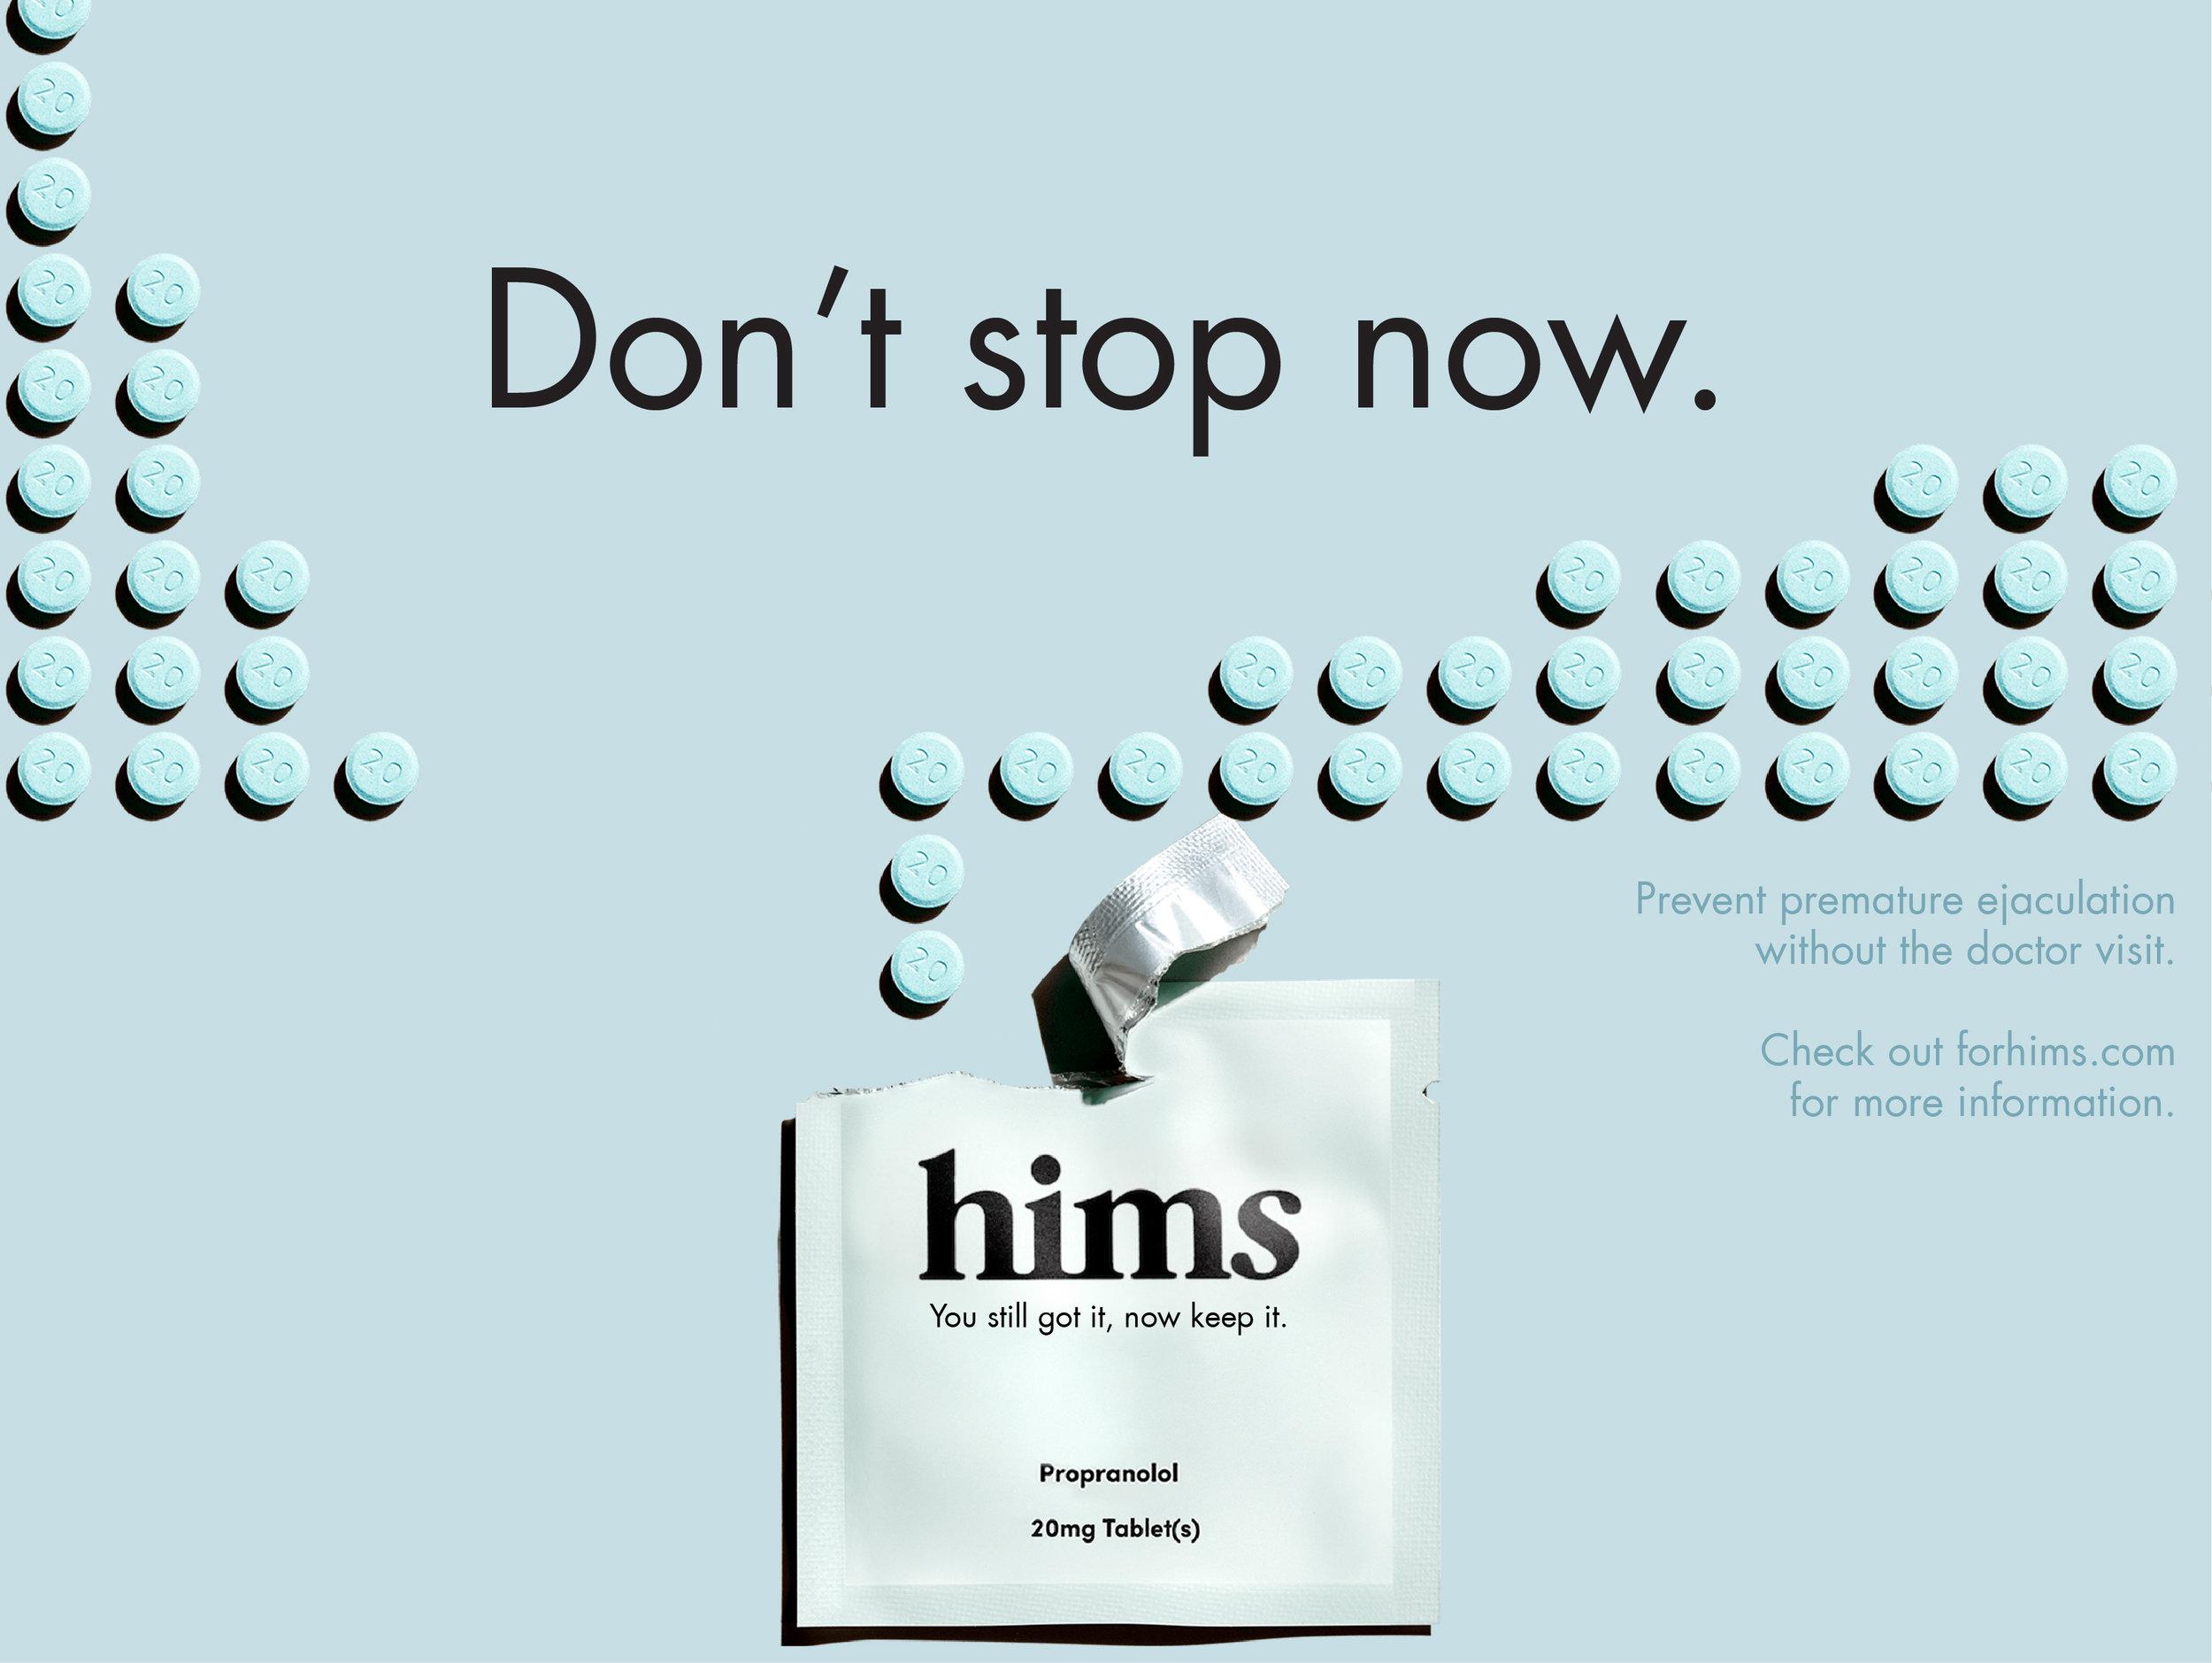 hims_OOH-01.jpg